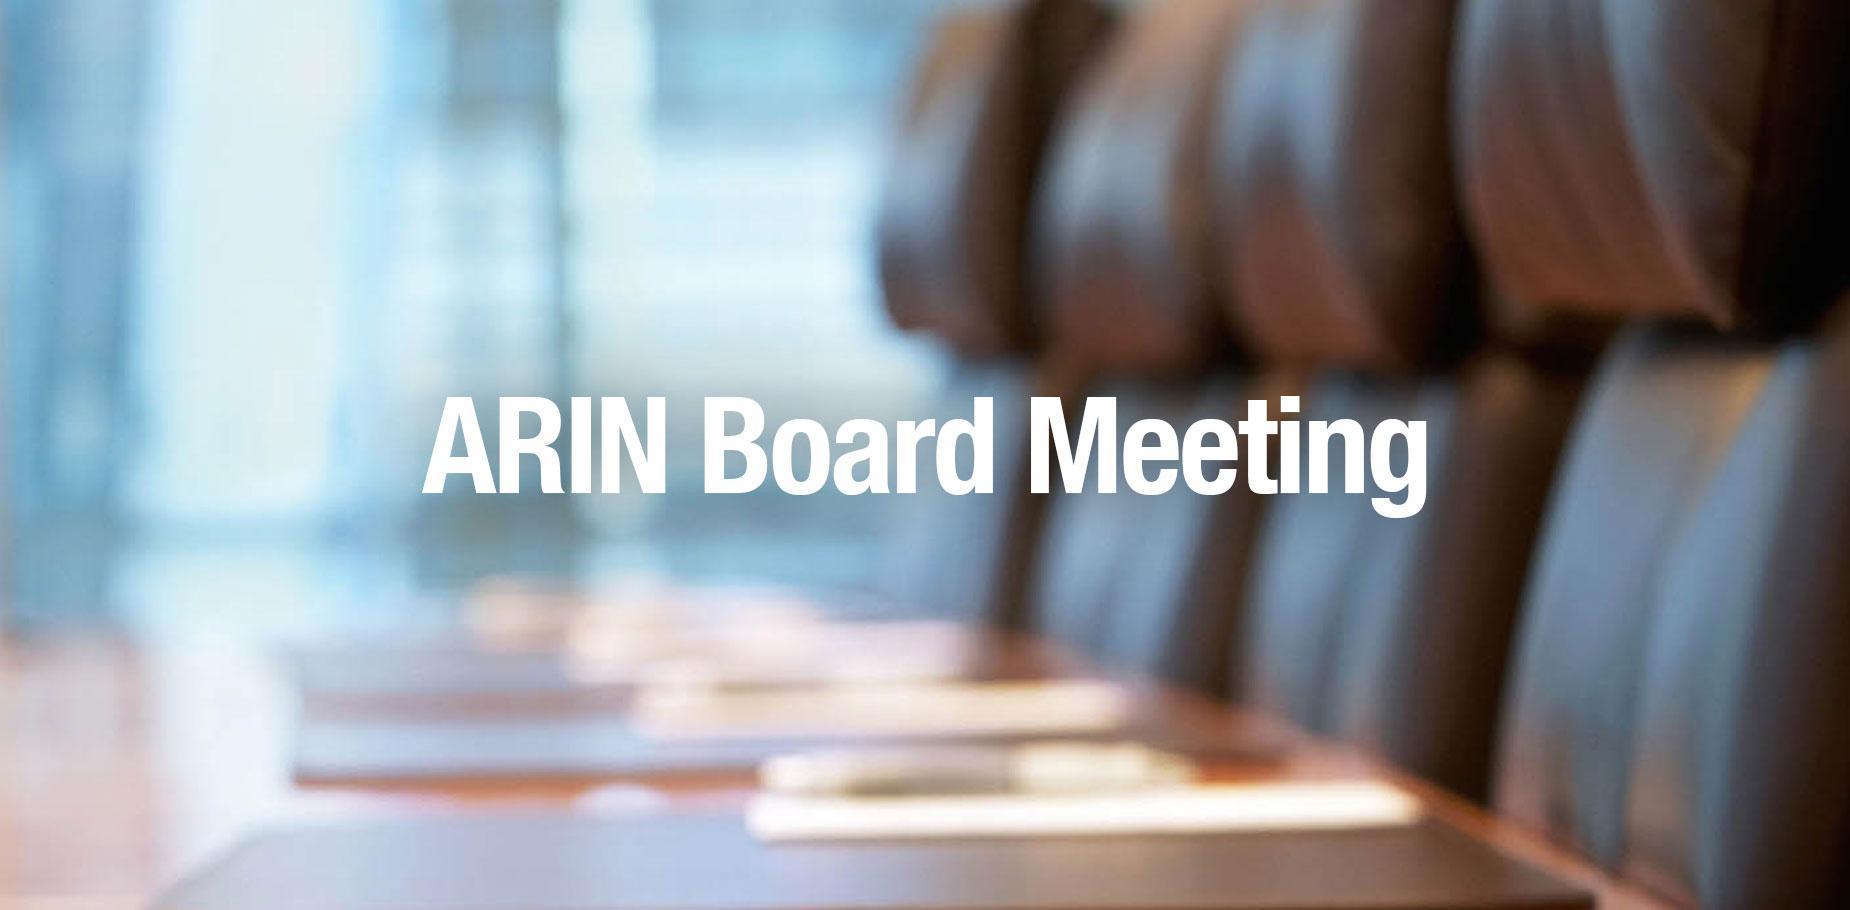 ARIN Board Meeting